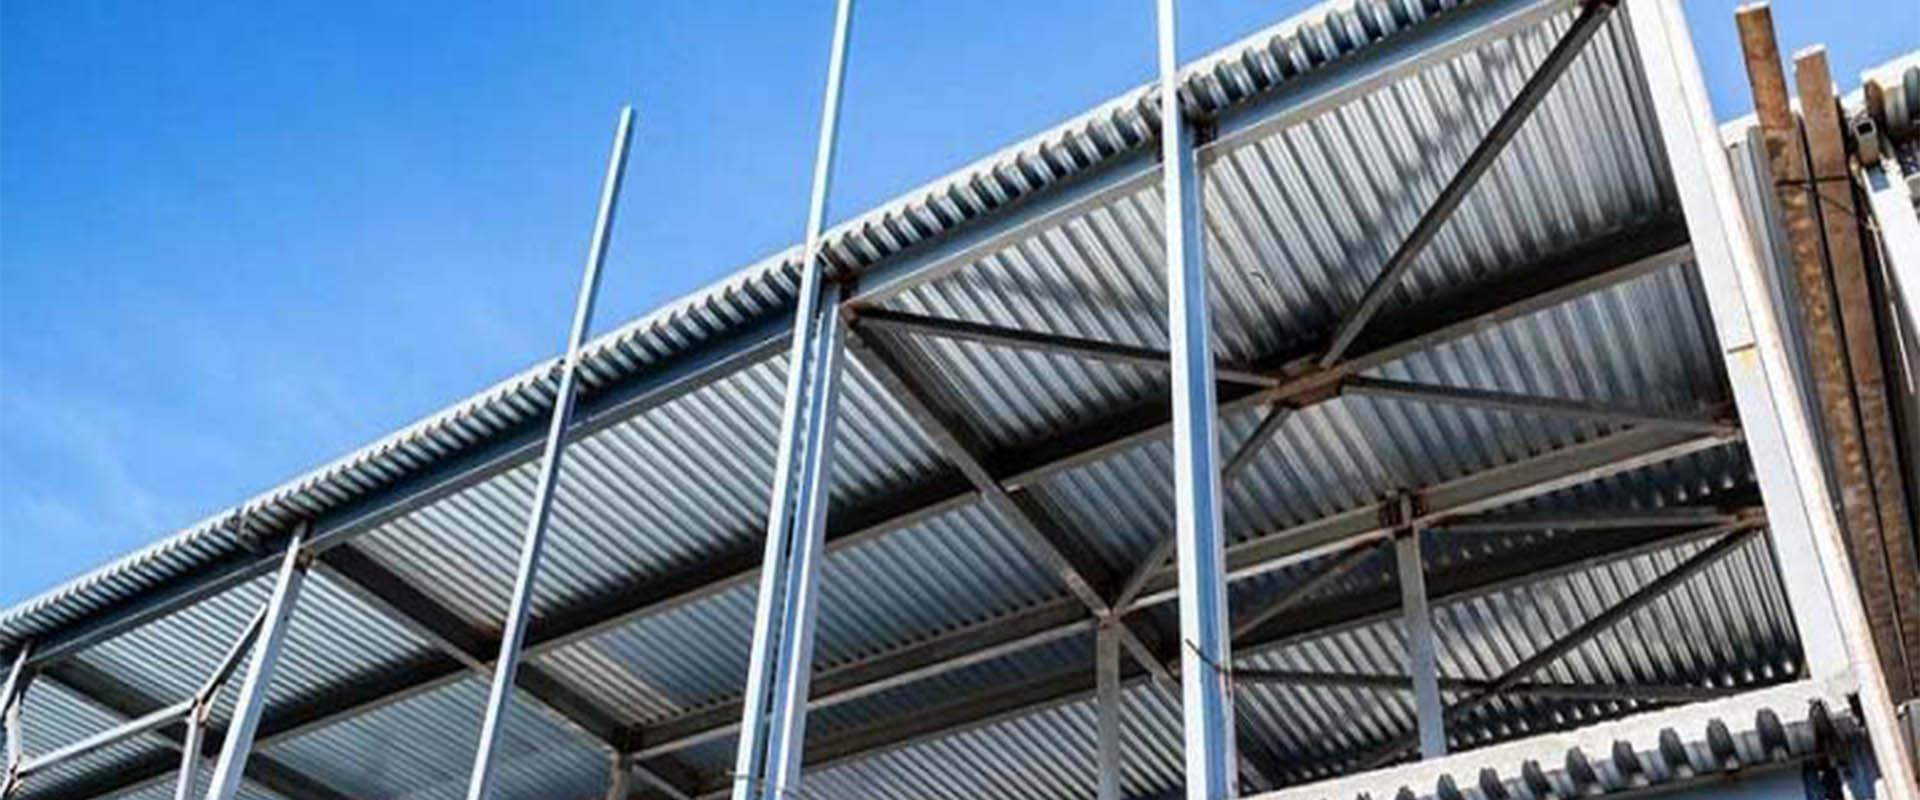 سقف عرشه فولادی, سقفی با ورق های گالوانیزه چیست؟